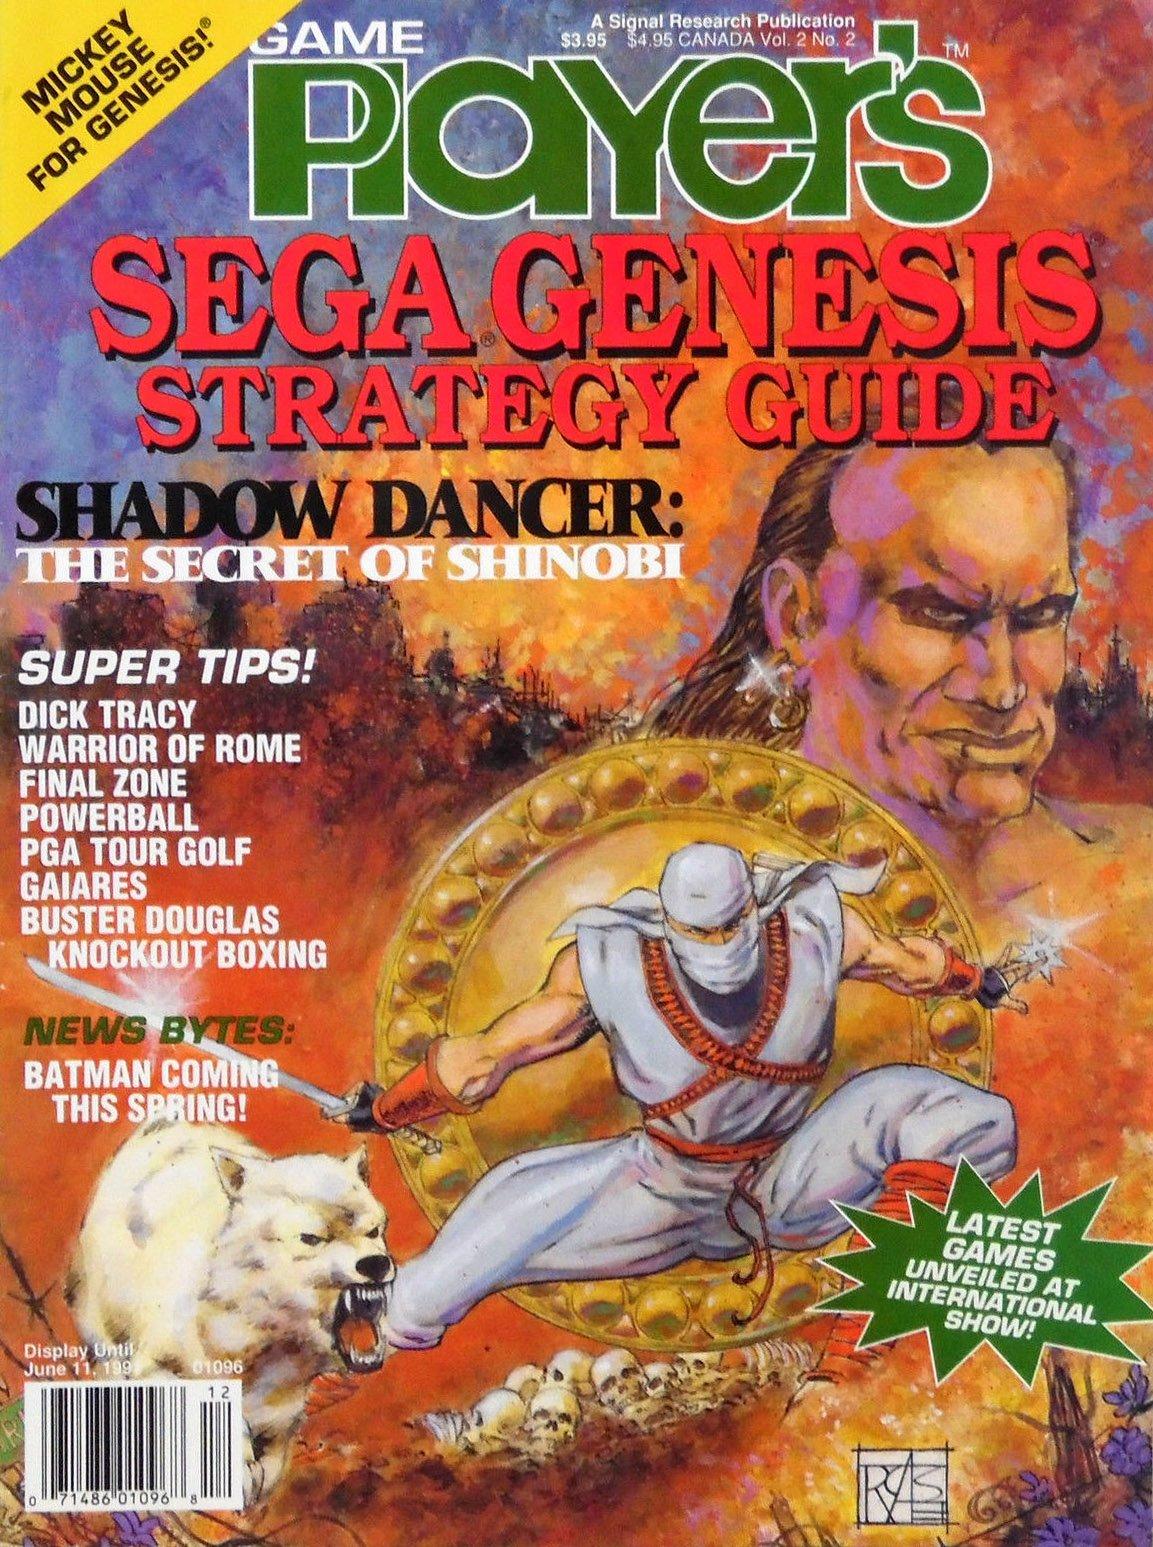 Game Player's Sega Genesis Strategy Guide Vol.2 No.2 (April-May 1991)